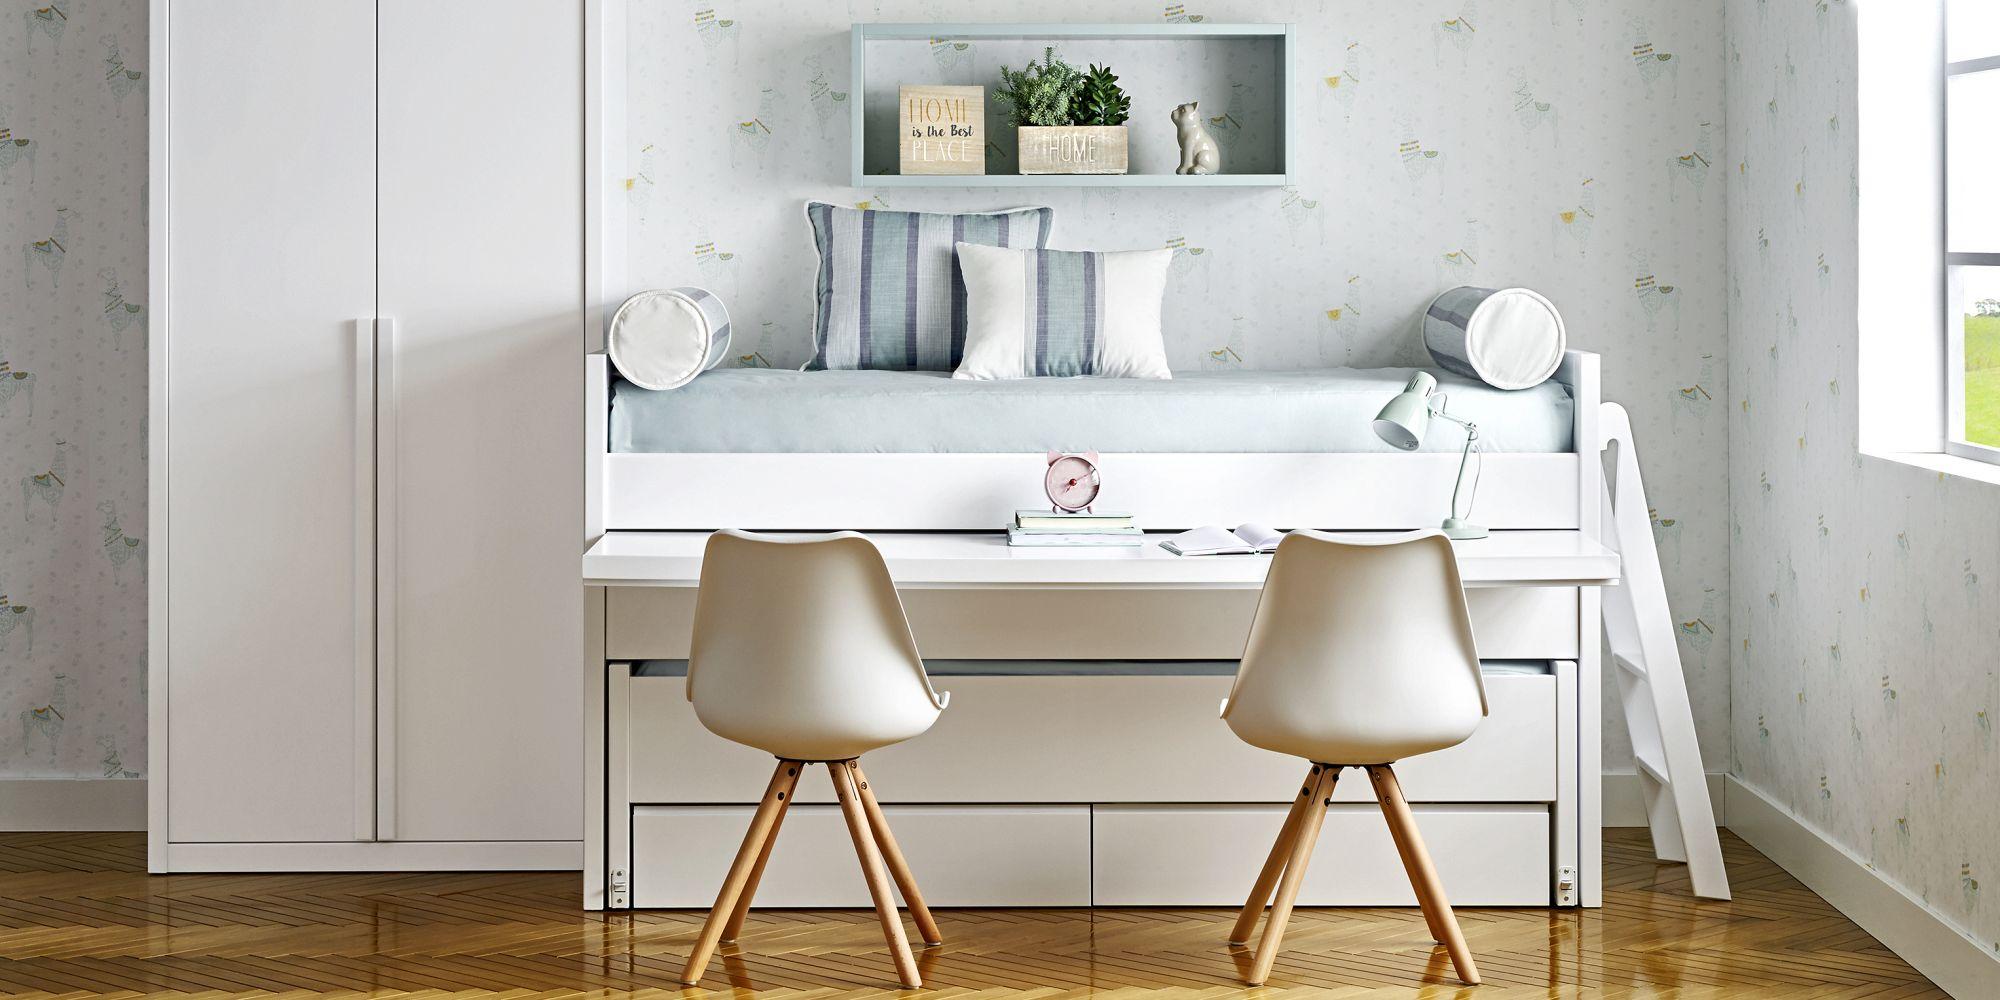 Cama con escritorio incorporado y armario